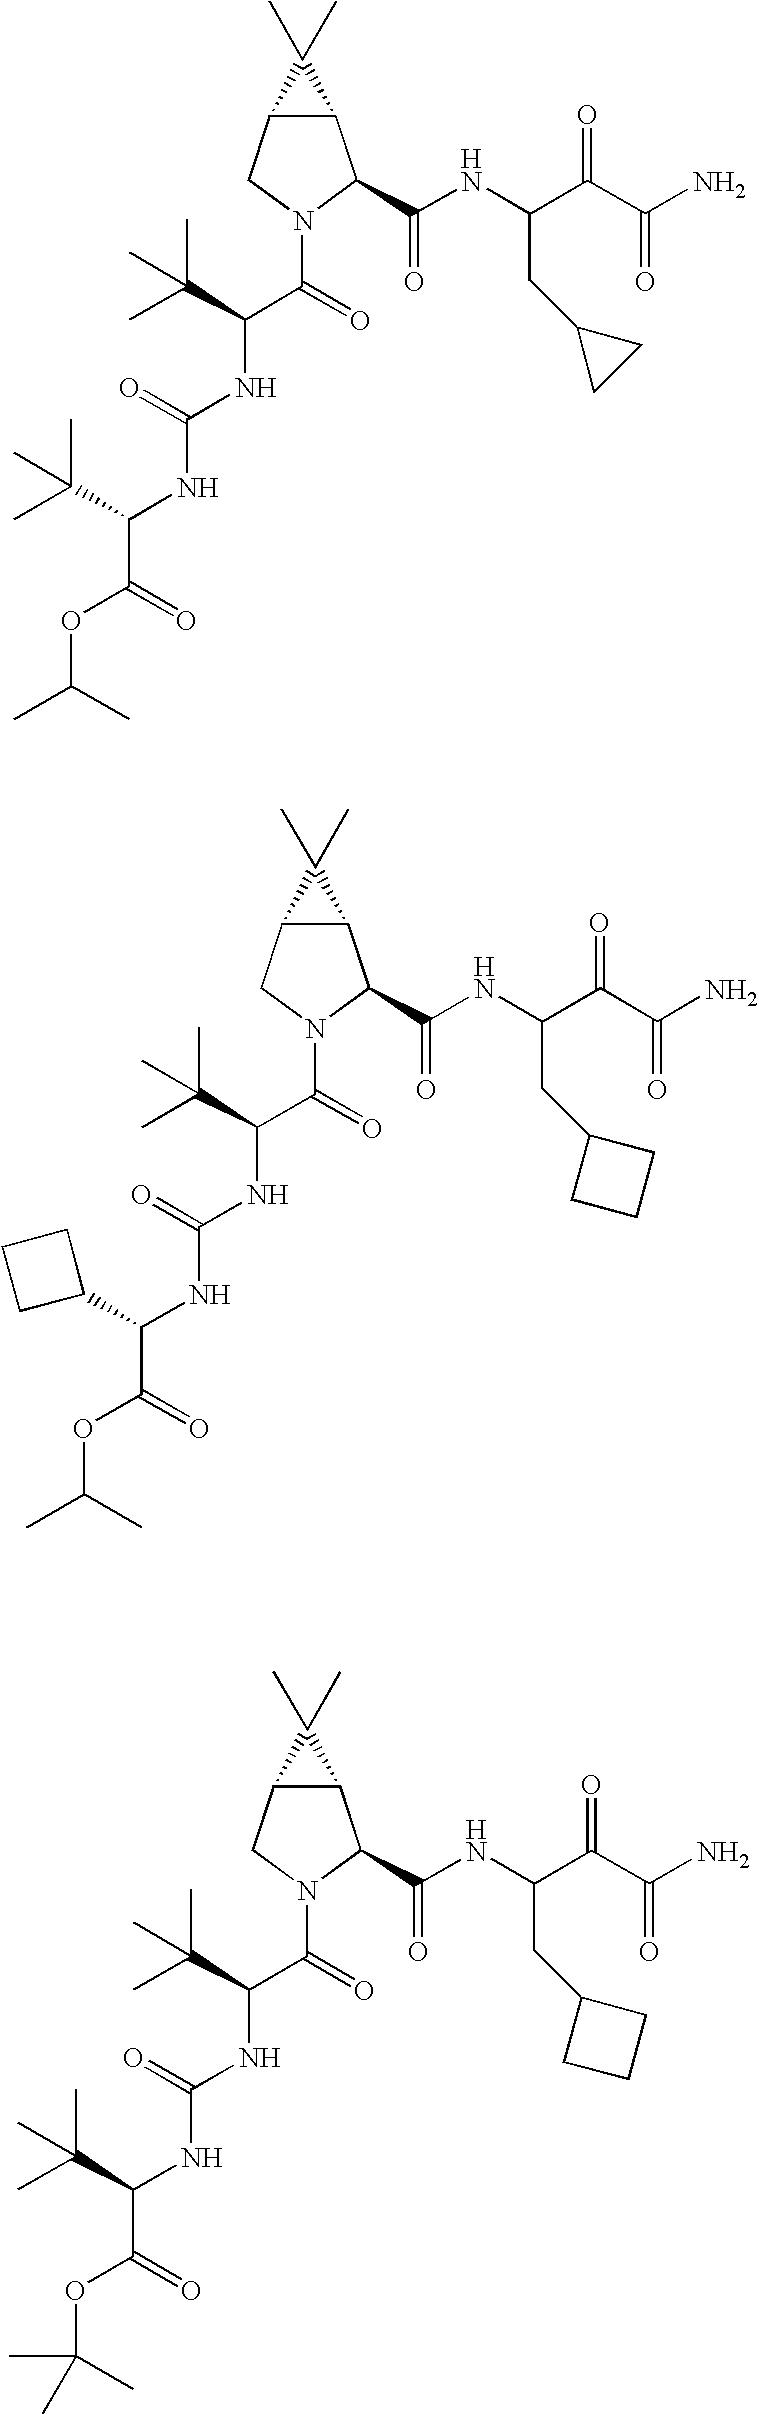 Figure US20060287248A1-20061221-C00243